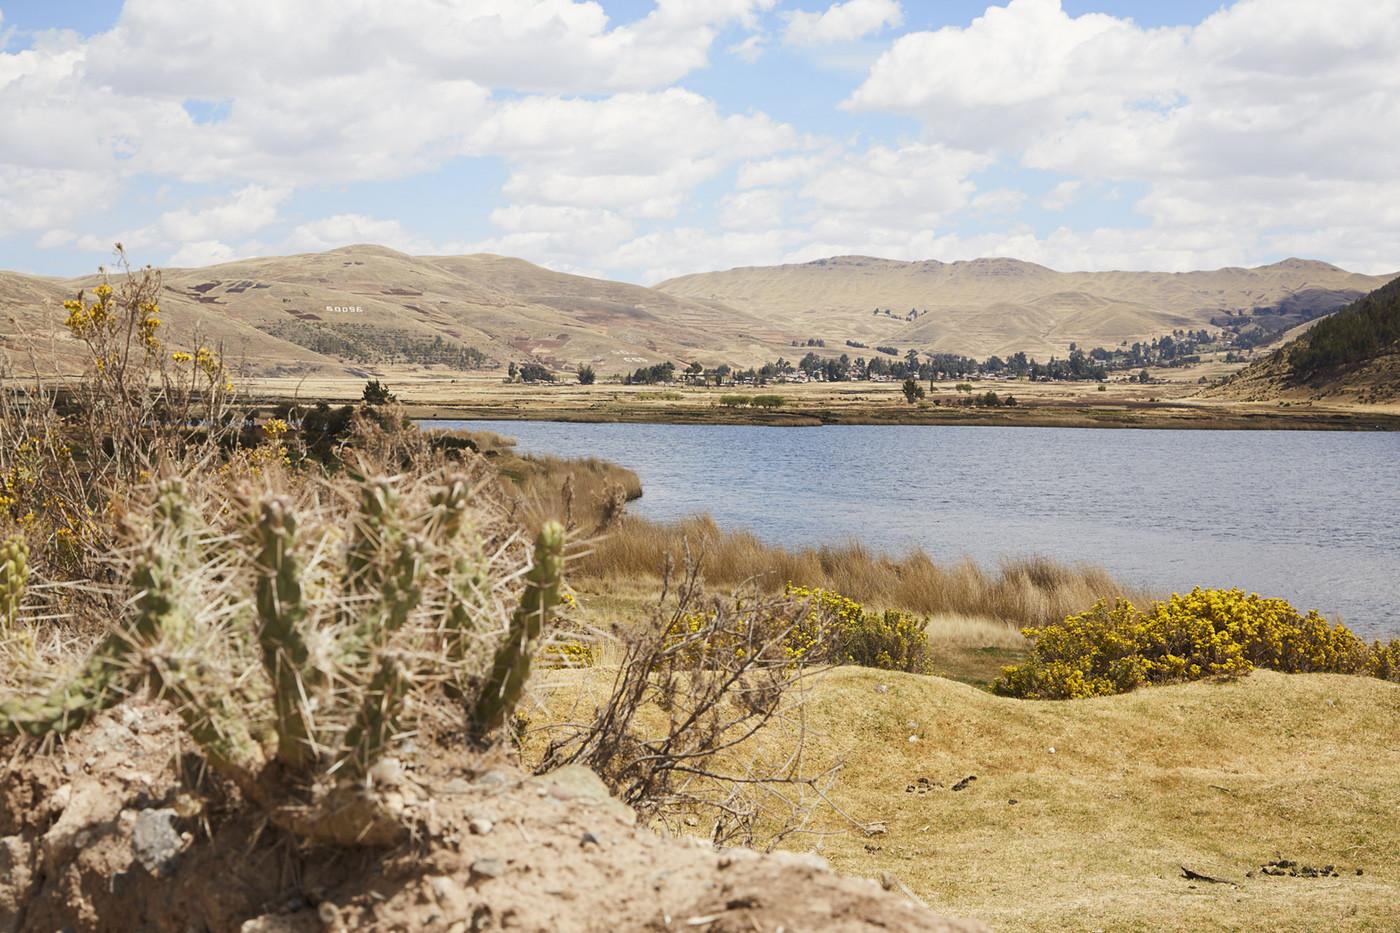 Die Laguna Acopia ist ein kleiner See direkt an einem verschlafenen Dort entlang der Route zur Rope Bridge. Das hellblau / graue Wasser ist umgeben von kleinen Kakteen und karger Landschaft